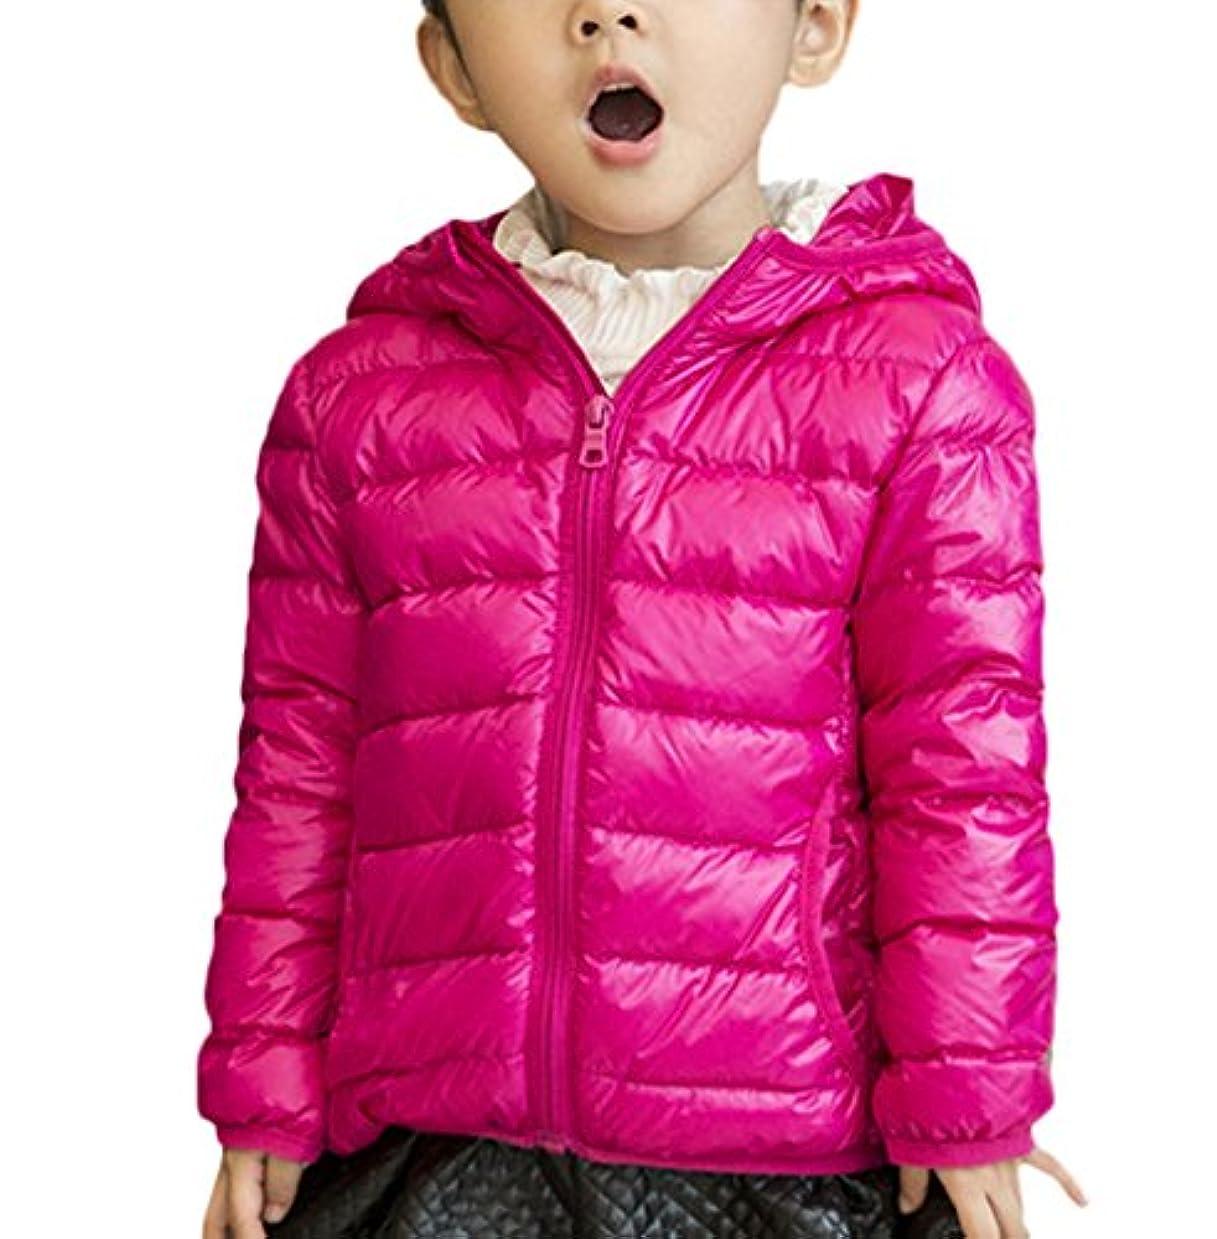 針支配する感動するZUOMA子供服 キッズダウンコート 男女兼用 軽量コート 綿入上着 ベビーウエア